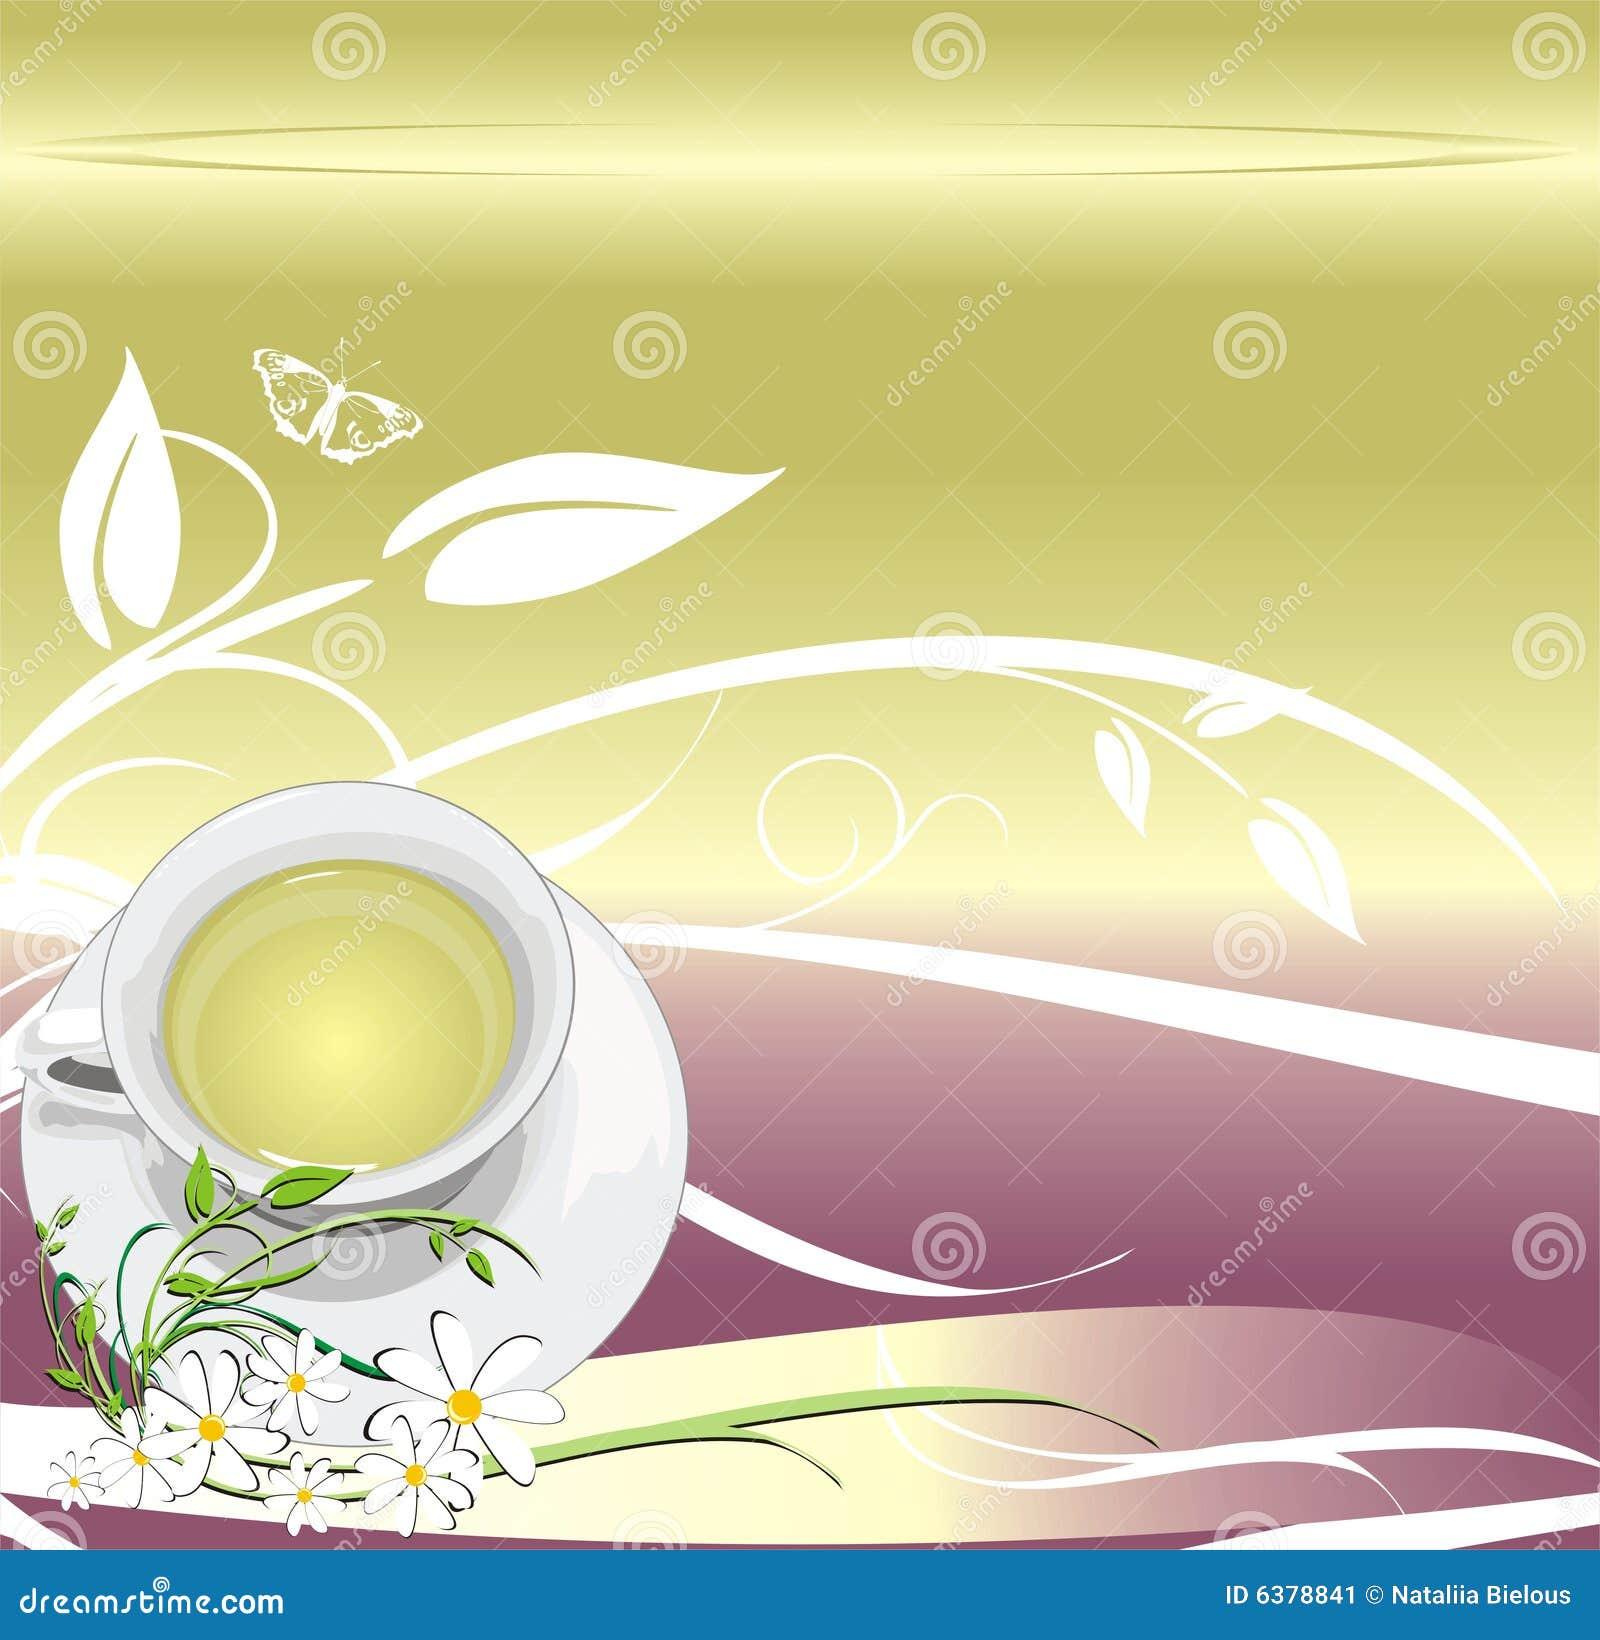 Kop met thee. Abstracte achtergrond voor het verpakken